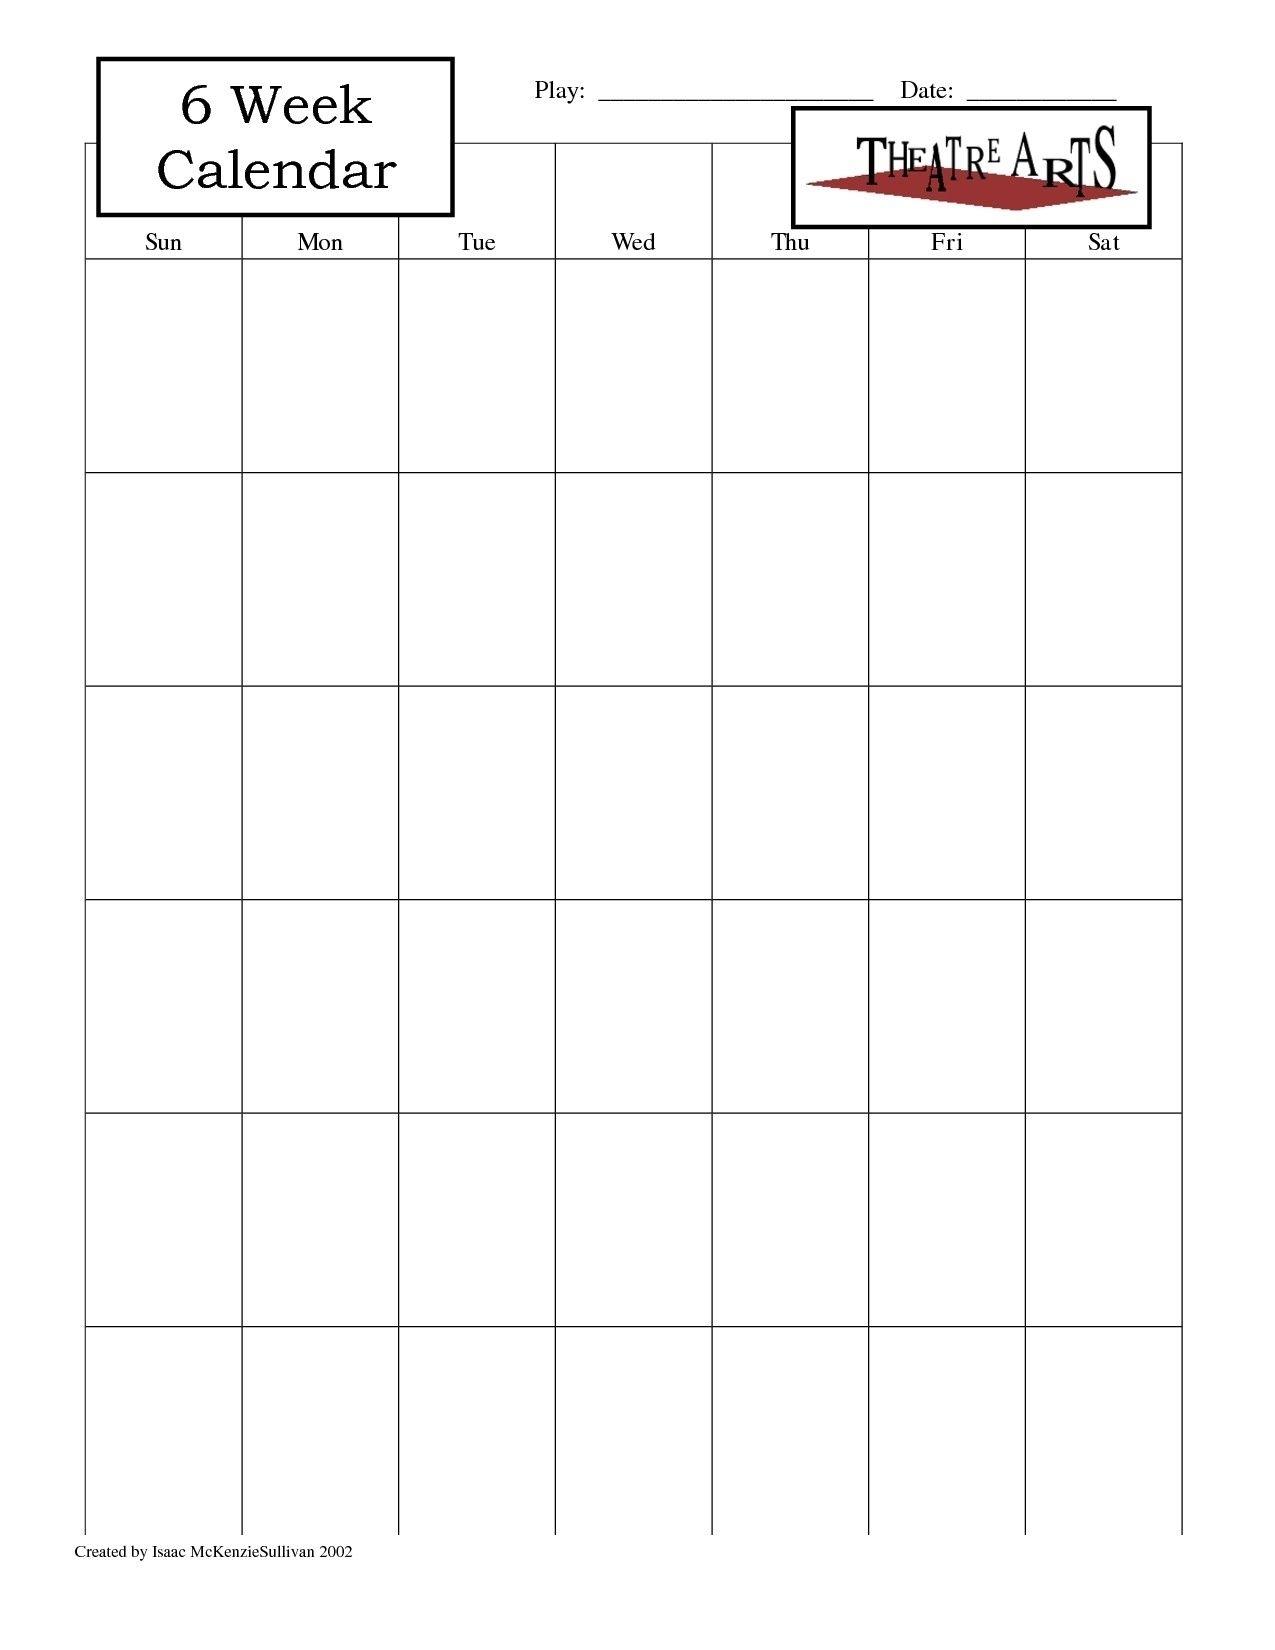 Remarkable Blank 6 Week Calendar Printable In 2020 | Blank